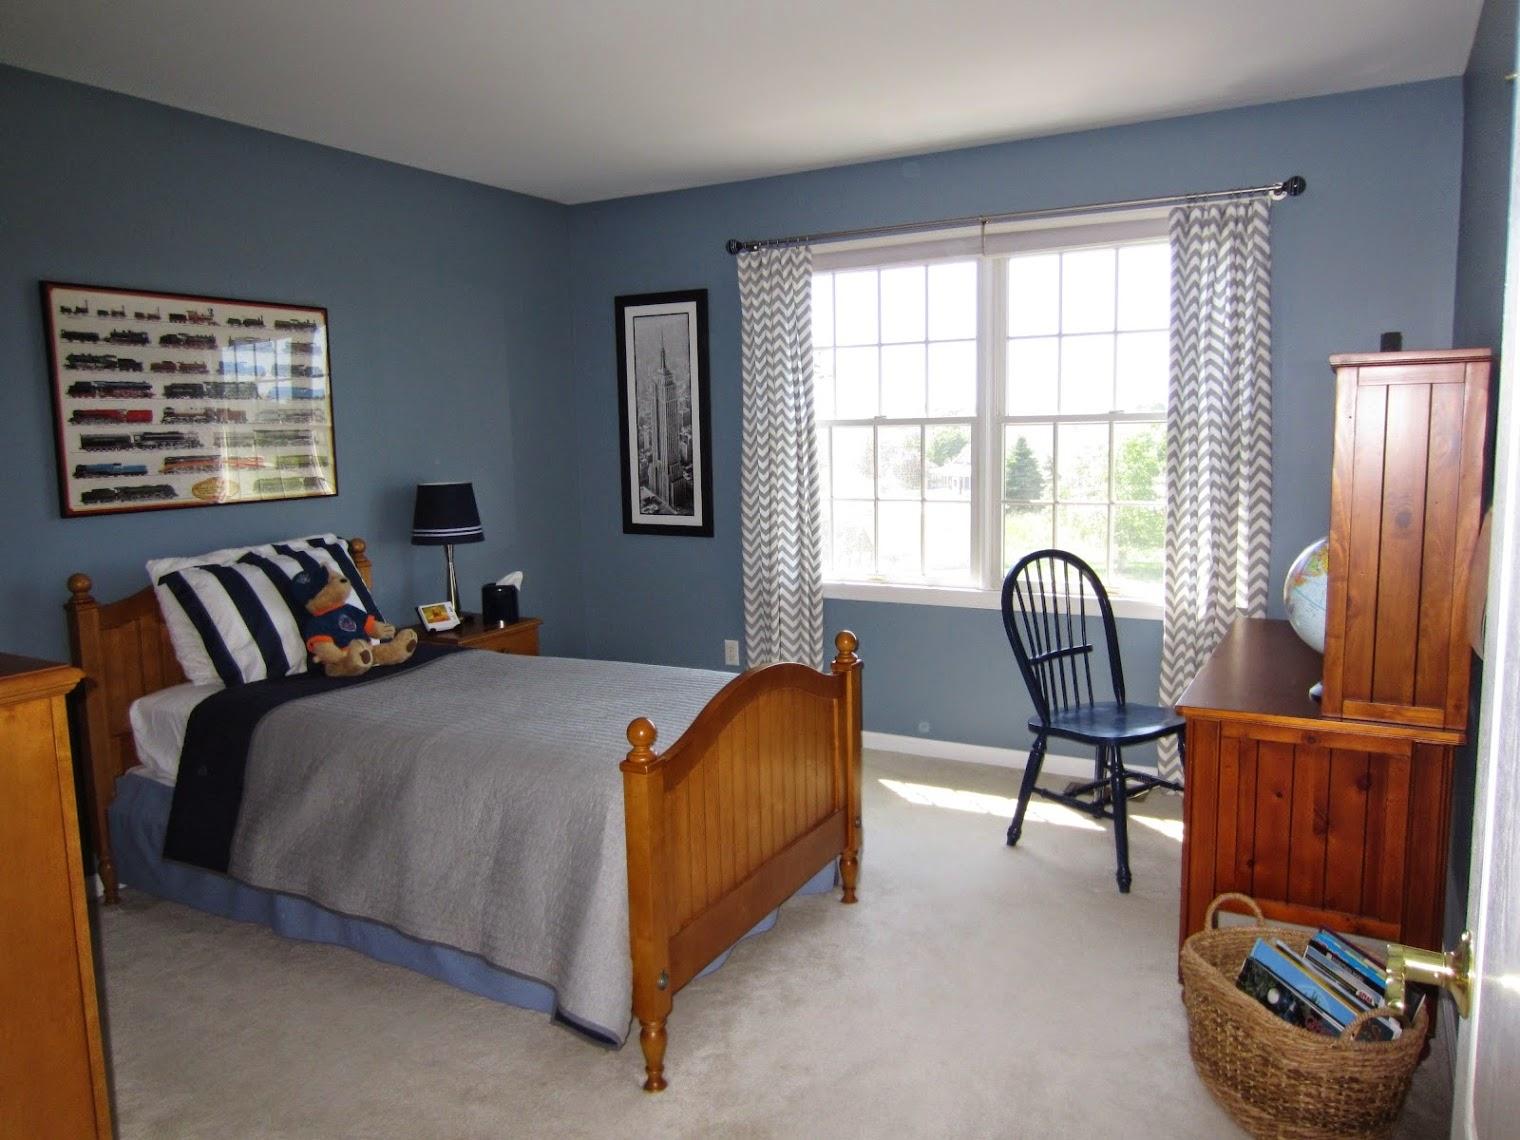 desain kamar tidur minimalis ukuran 3x3m | sobat interior rumah